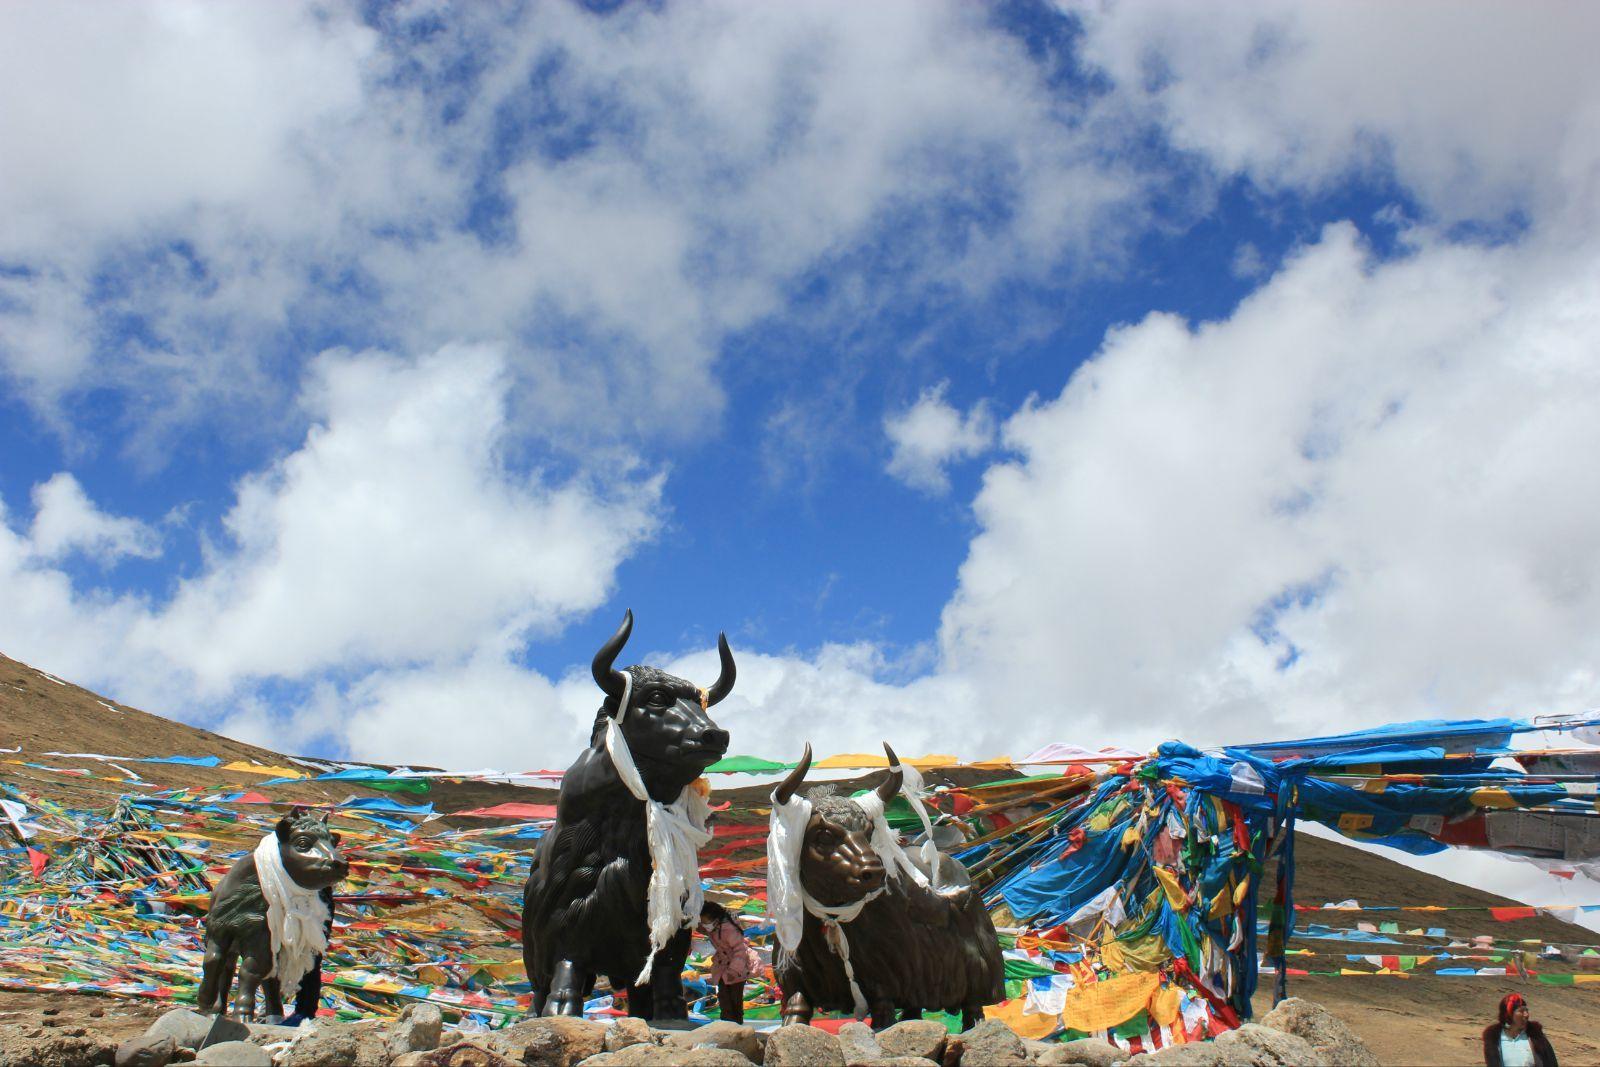 西藏拉萨、林芝、巴松错、羊湖9日卧飞跟团游[进藏首选]0自费、赠6大特色美食,1晚宿鲁朗国际小镇,深度体验藏地田园生活